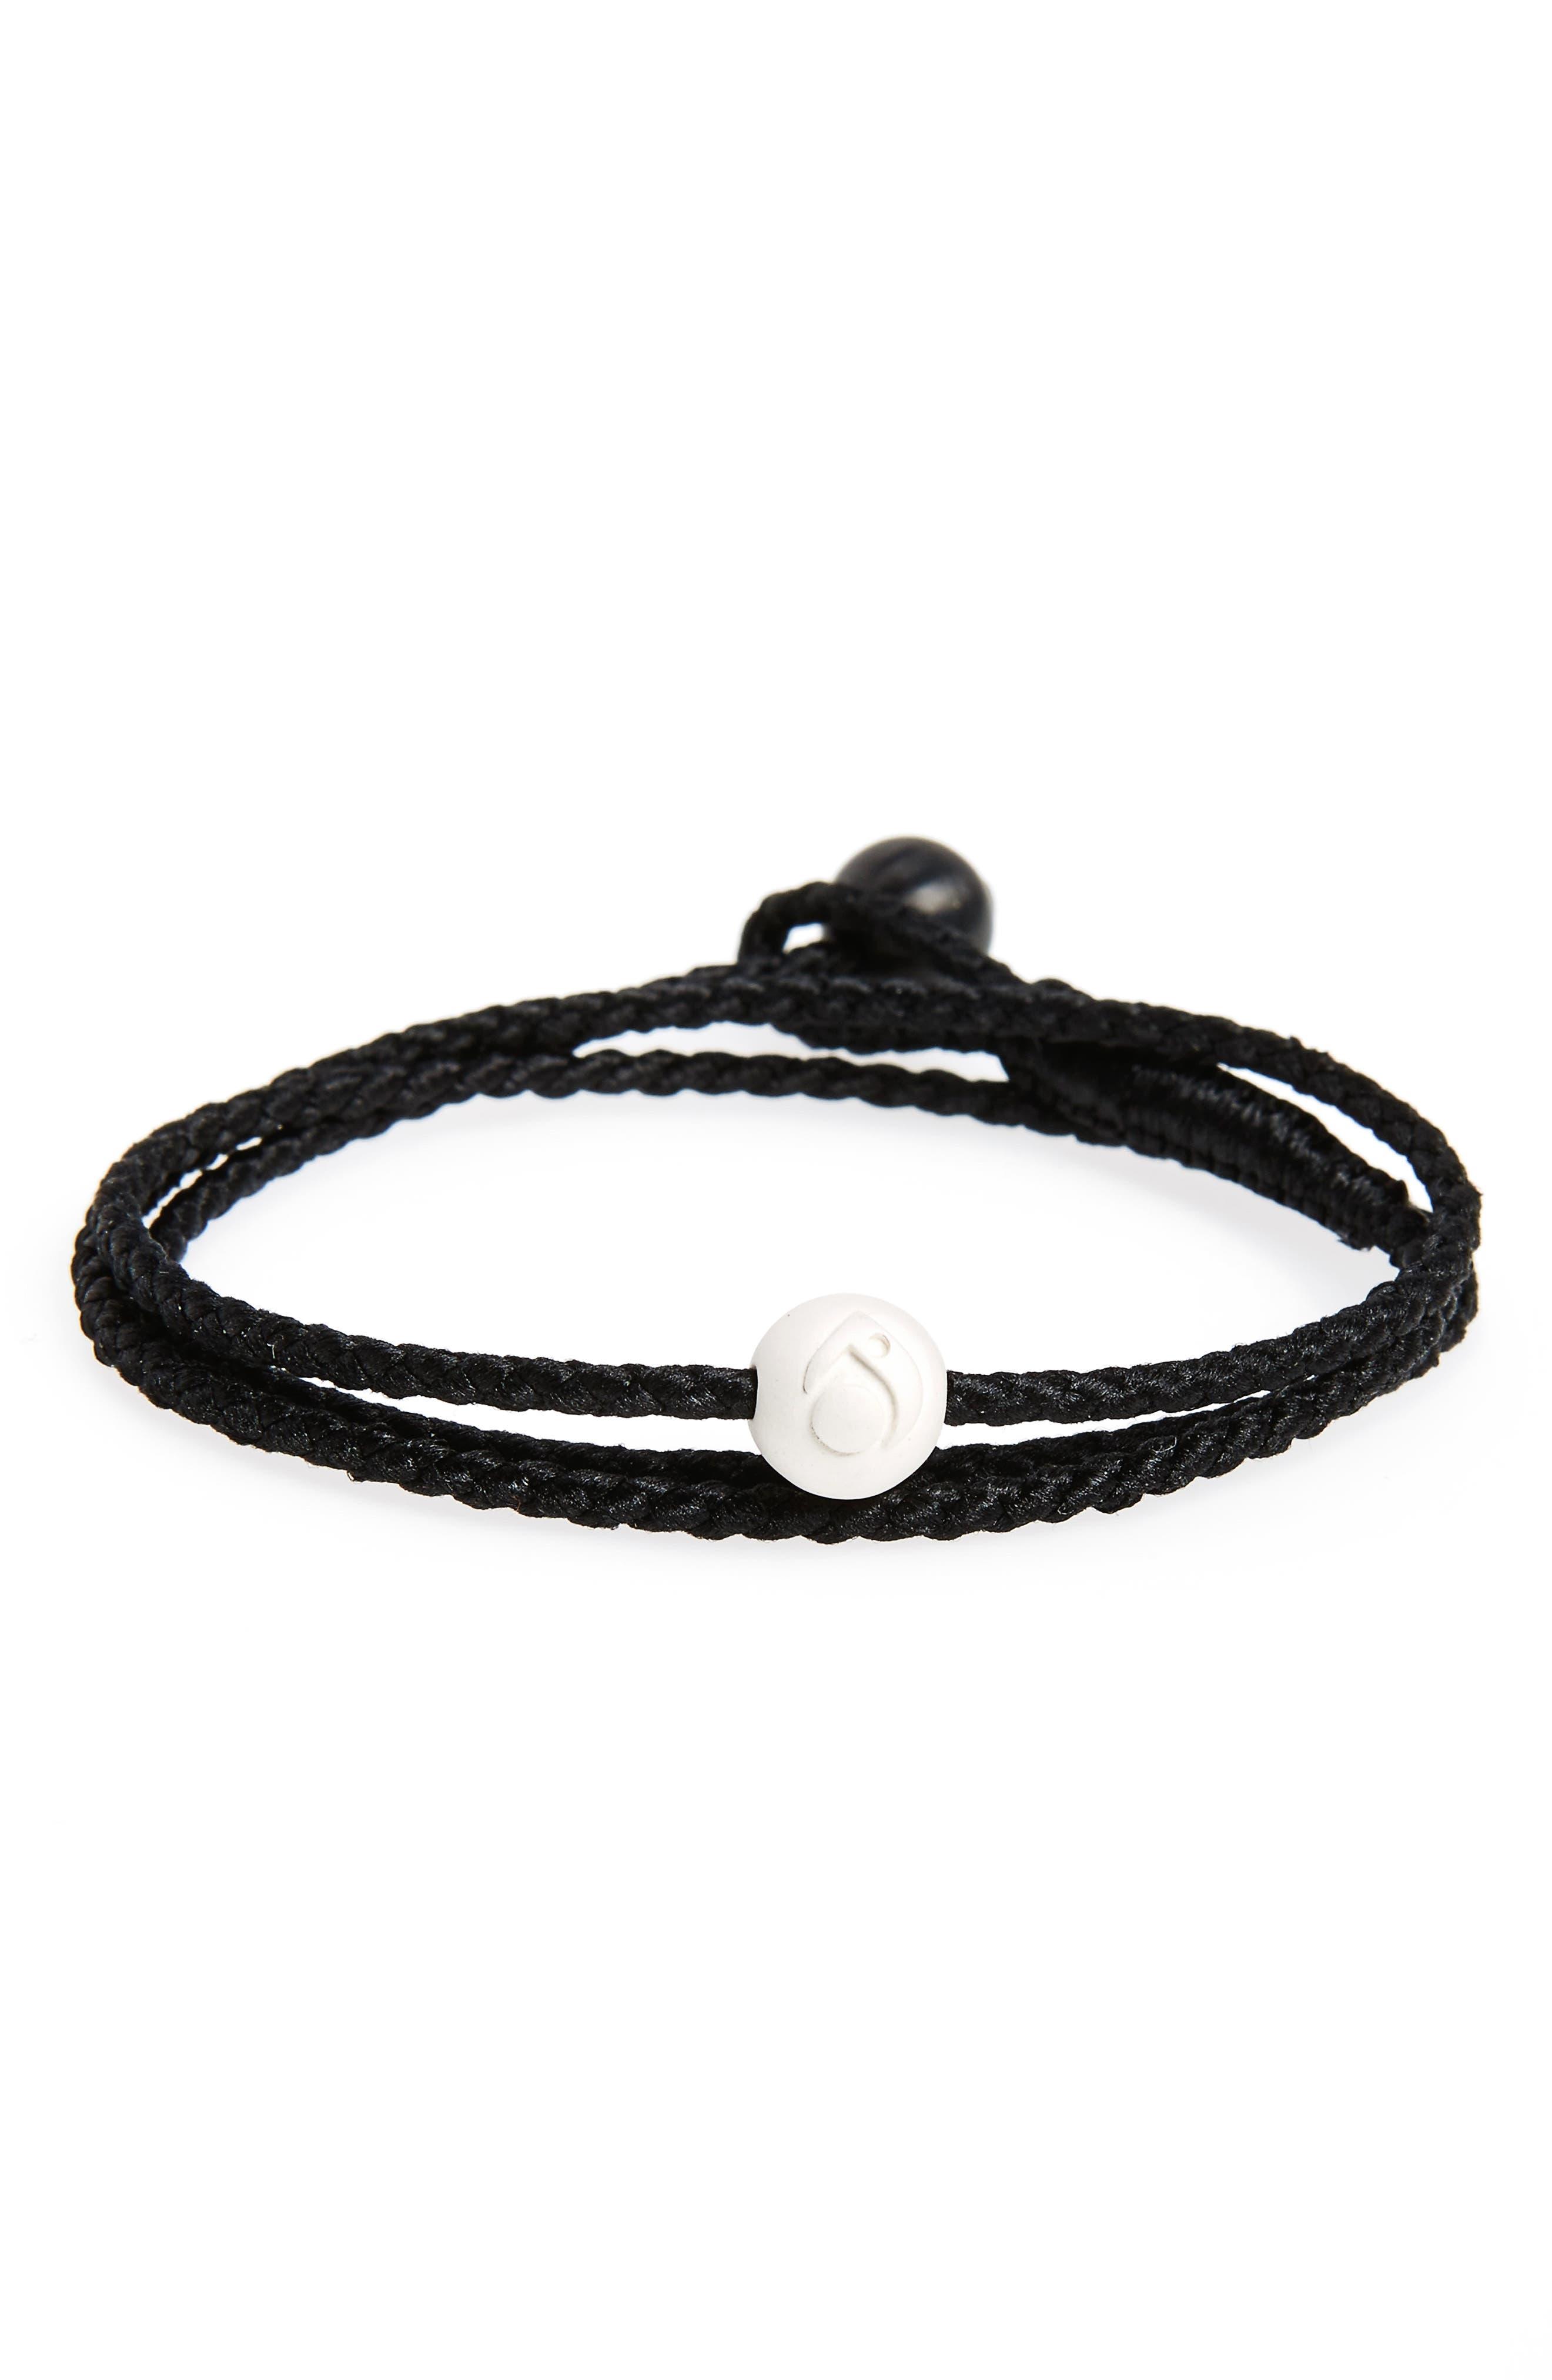 Lokai Triple Wrap Bracelet